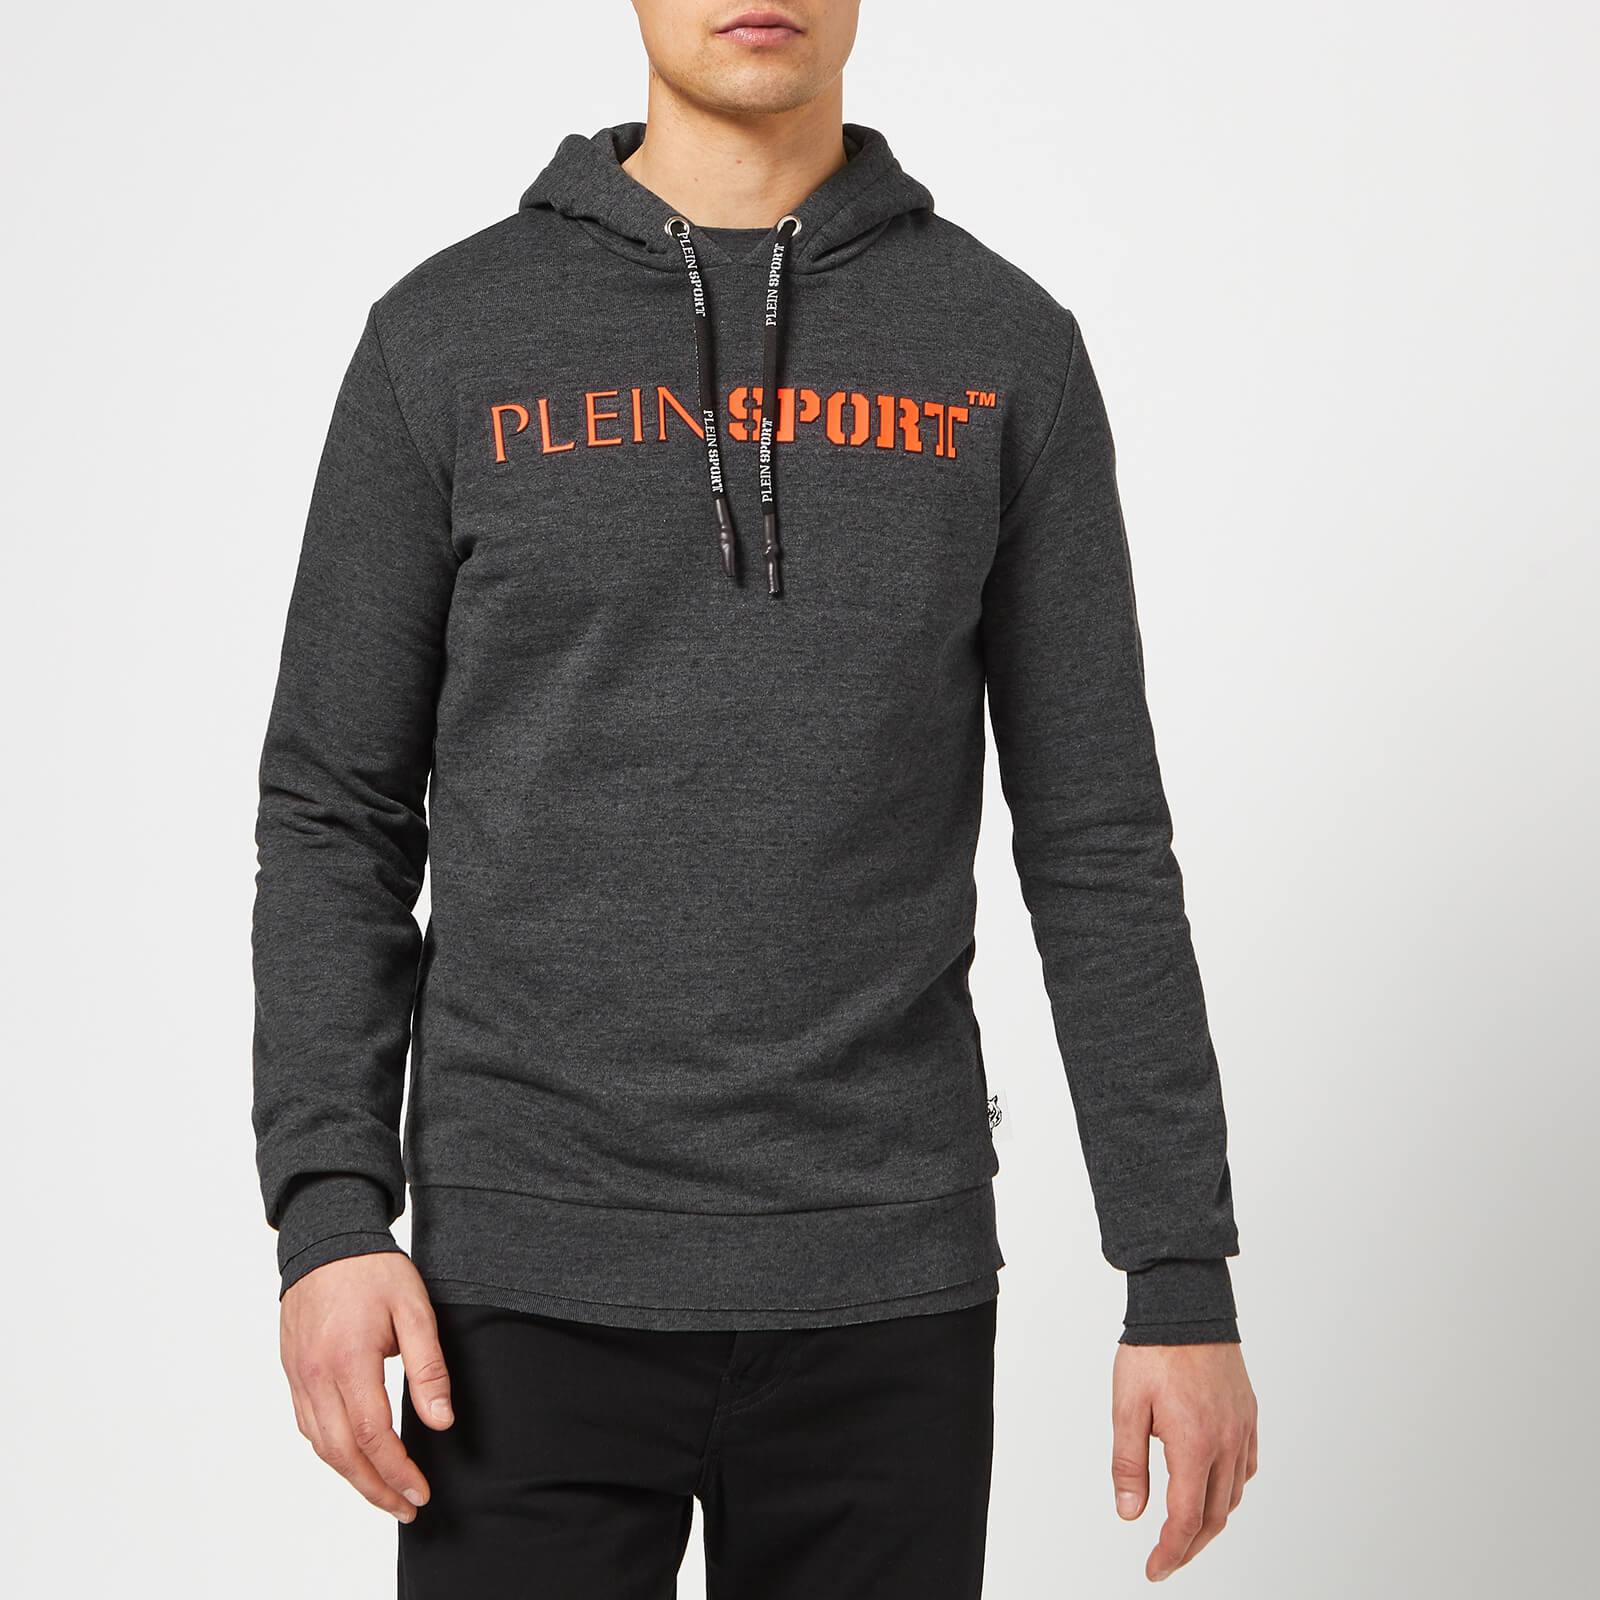 Plein Sport Men's Hoodie Sweatshirt Statement - Dark Grey - XXL - Grey